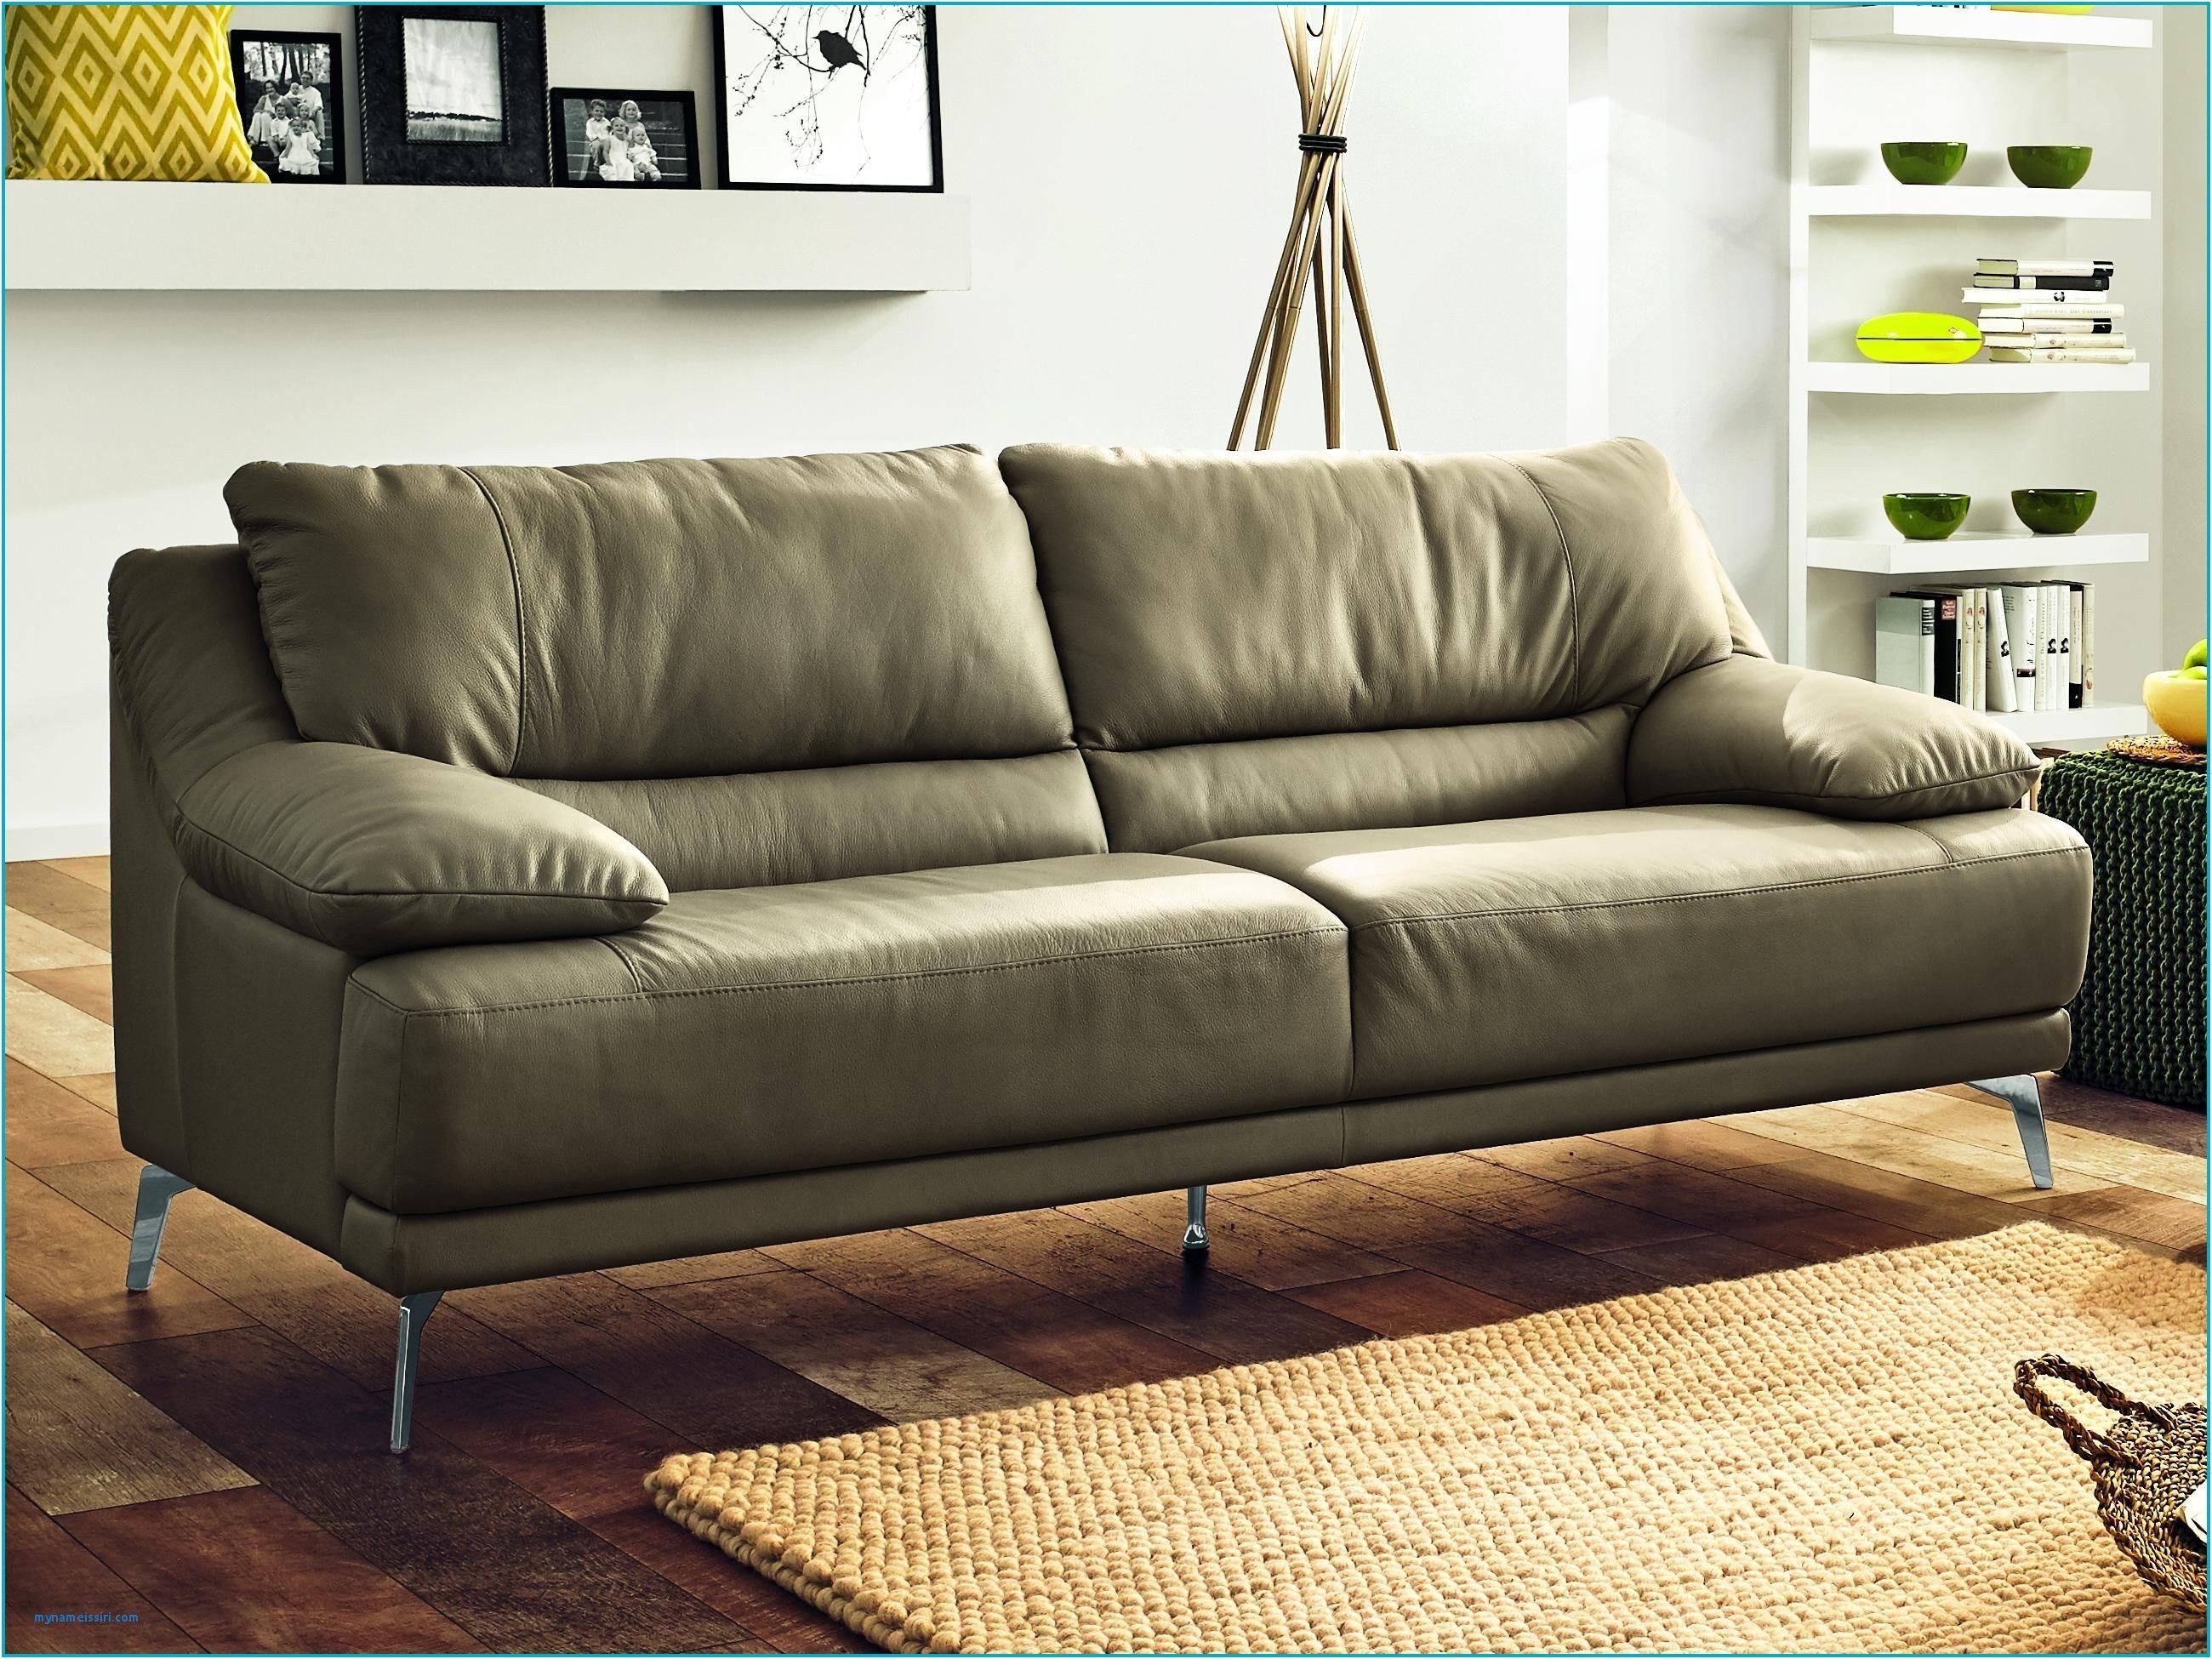 Hubsch Wohnlandschaft Poco Home Decor Home Furniture